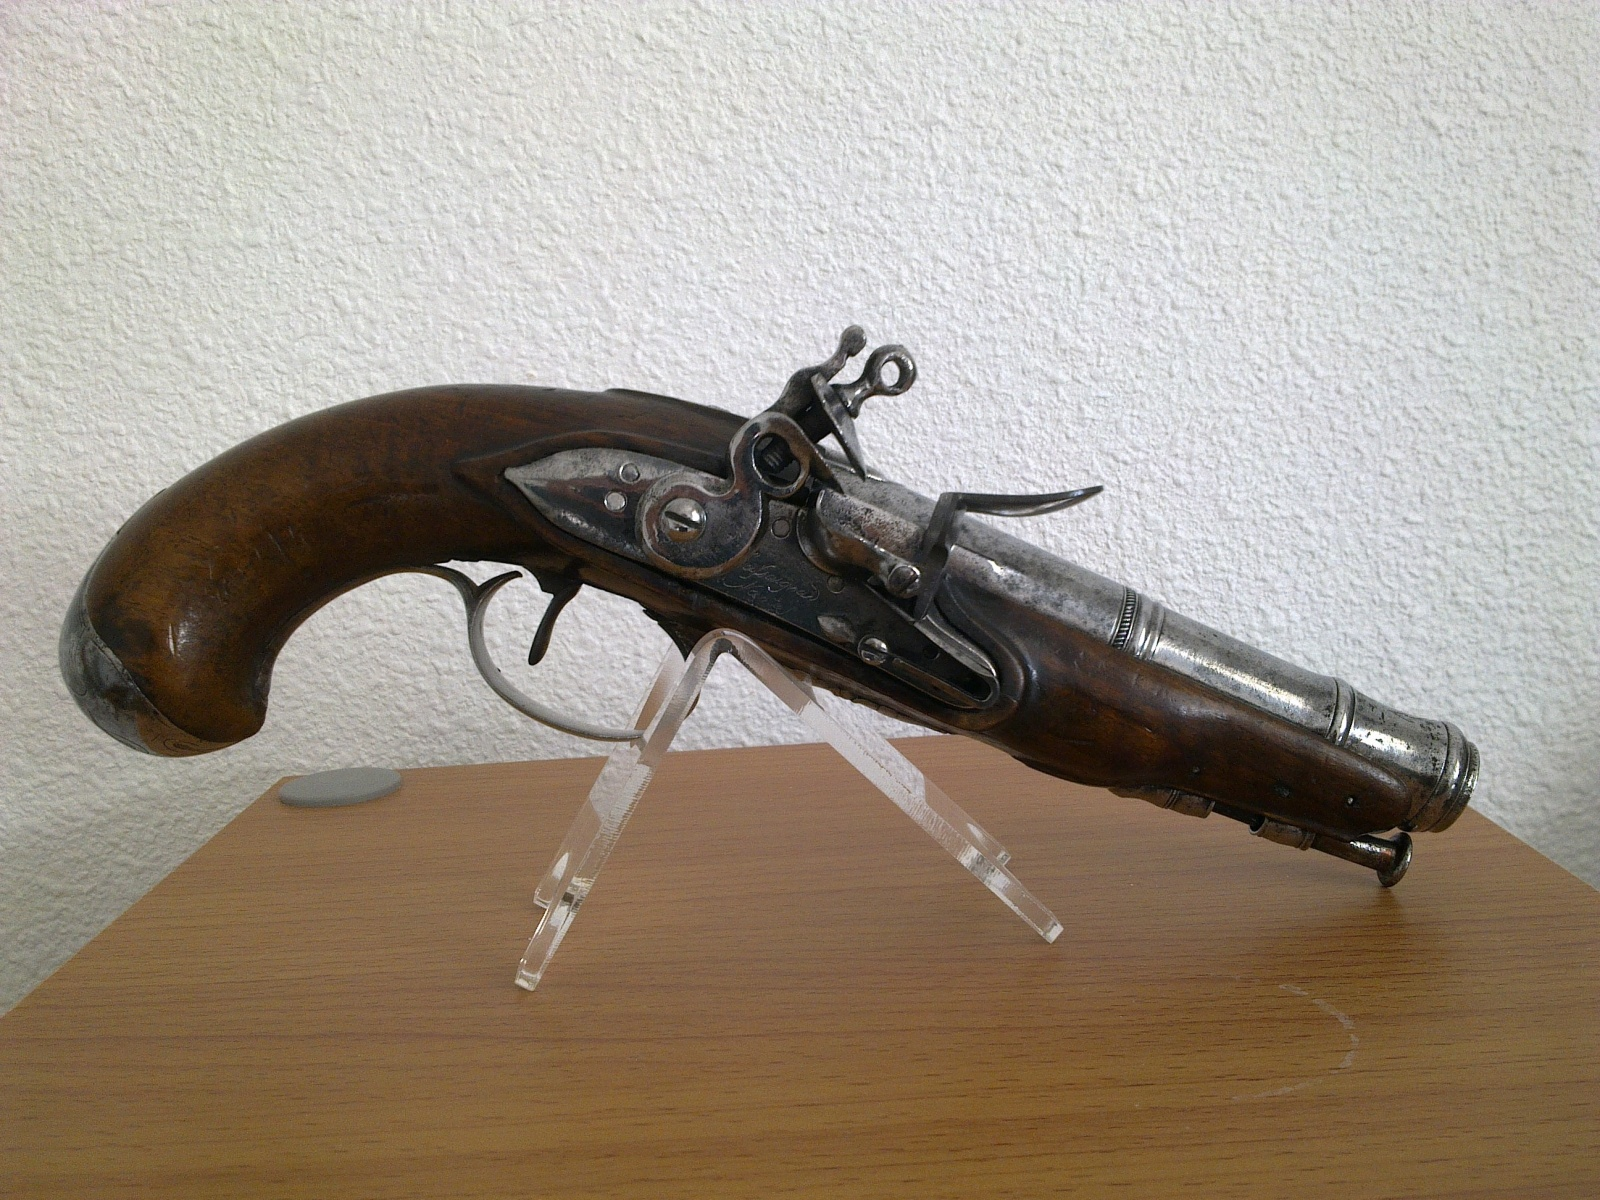 problème avec grand ressort de la platine à silex d'un pistolet CASSAIGNARD  23mosgy